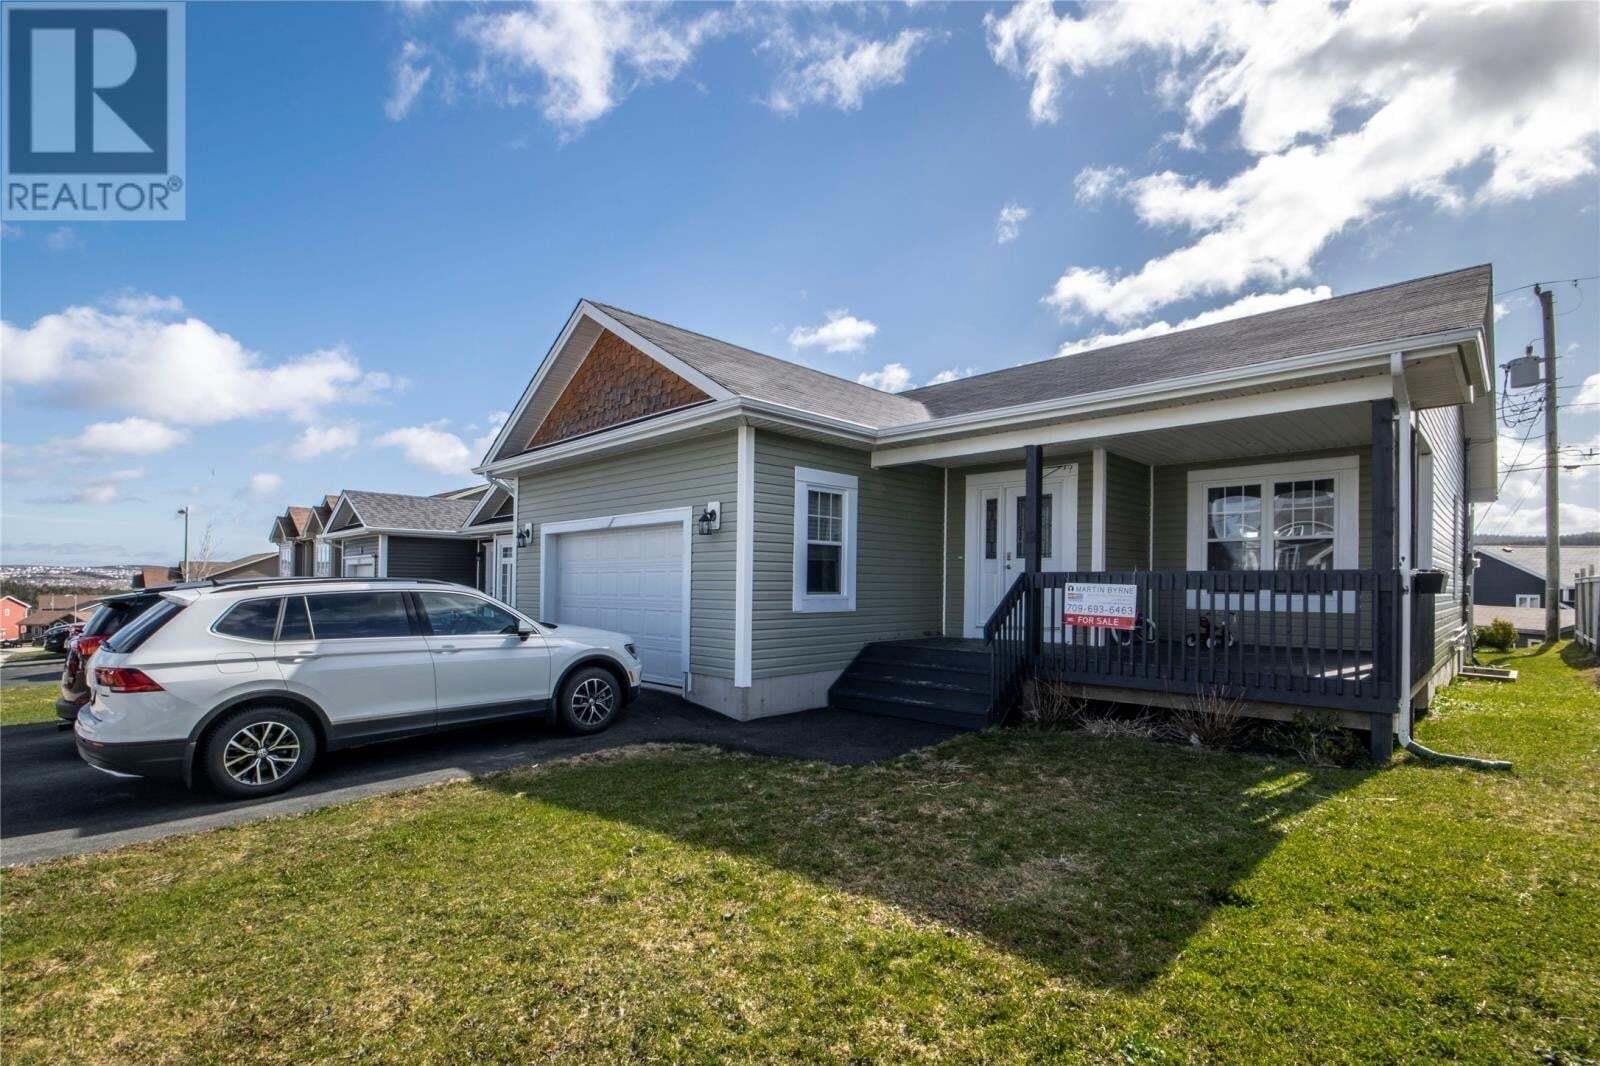 House for sale at 19 Glenlonan St St. John's Newfoundland - MLS: 1213600